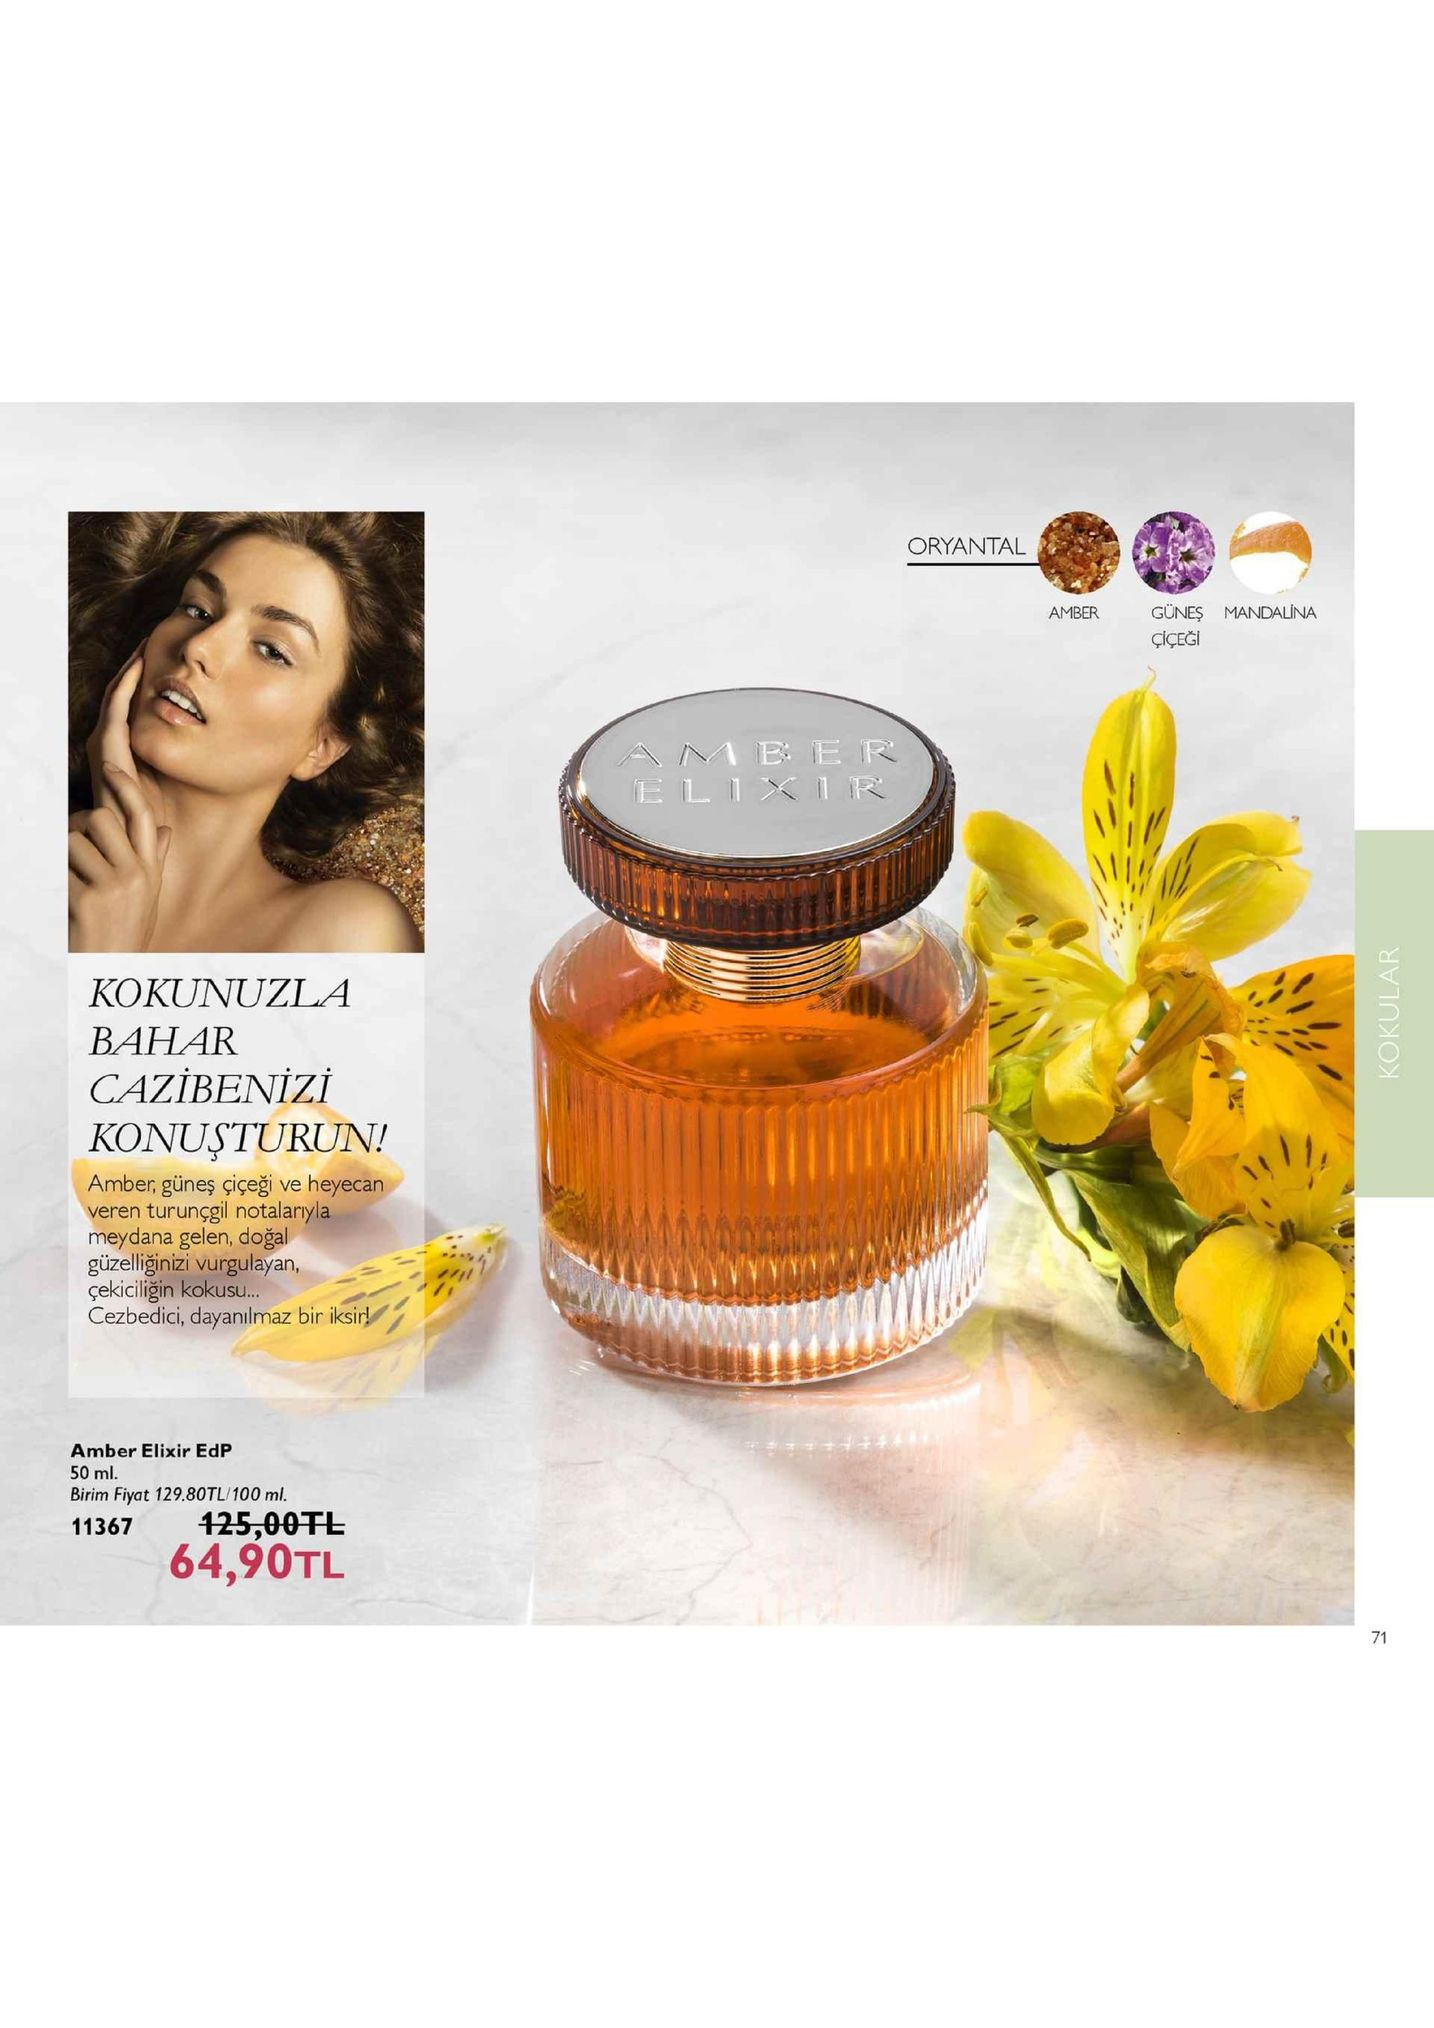 oryantal güneş mandalina çiçeği amber b e r kokunuzla cazibenizi konusturun! amber, güneş çiçeği ve heyecan veren turunçgil notalaryla meydana gelen, doğal güzelliğinizi vurgulayarn çekiciliğin kokusu cezbedici, dayanılmaz bir iksir amber elixir edp 50 ml birim fiyat 129.80tl/100 ml. 64,90tl 71